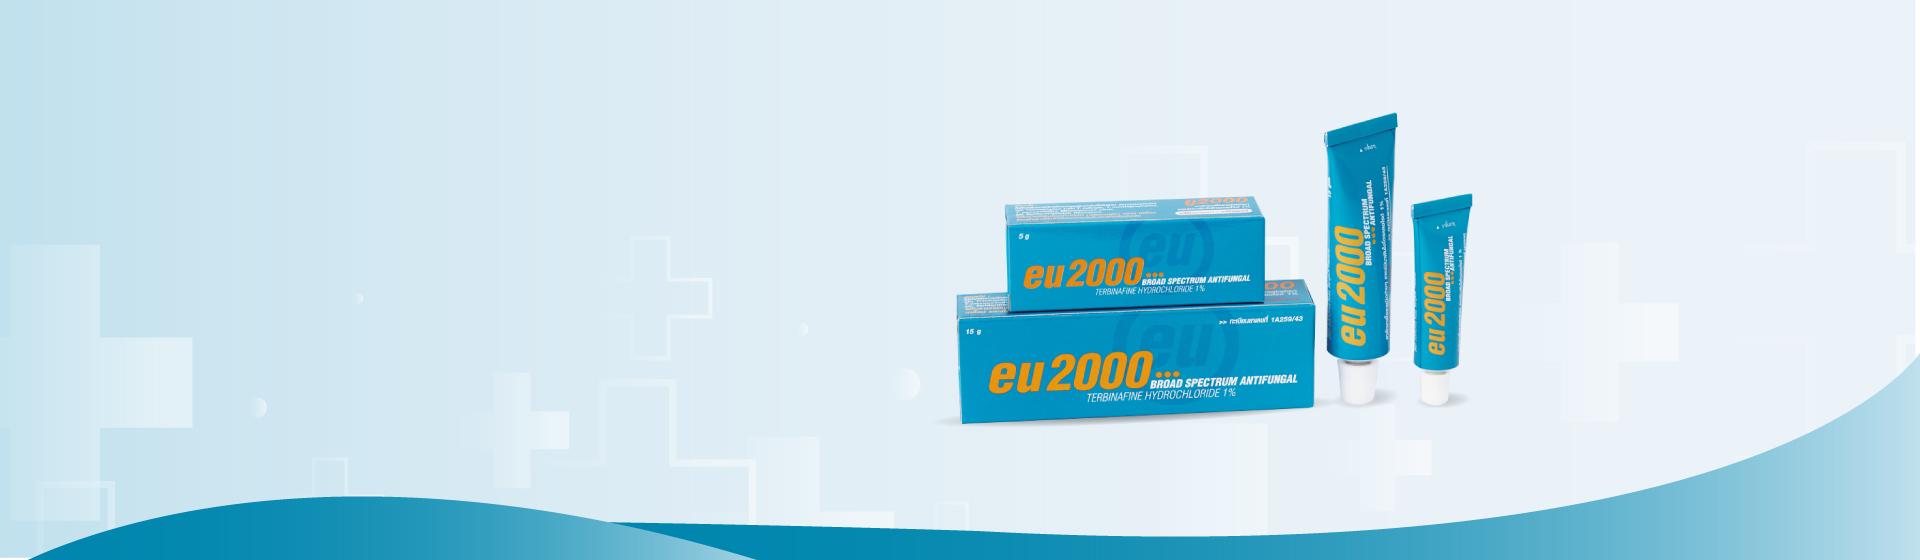 EU2000_edit1